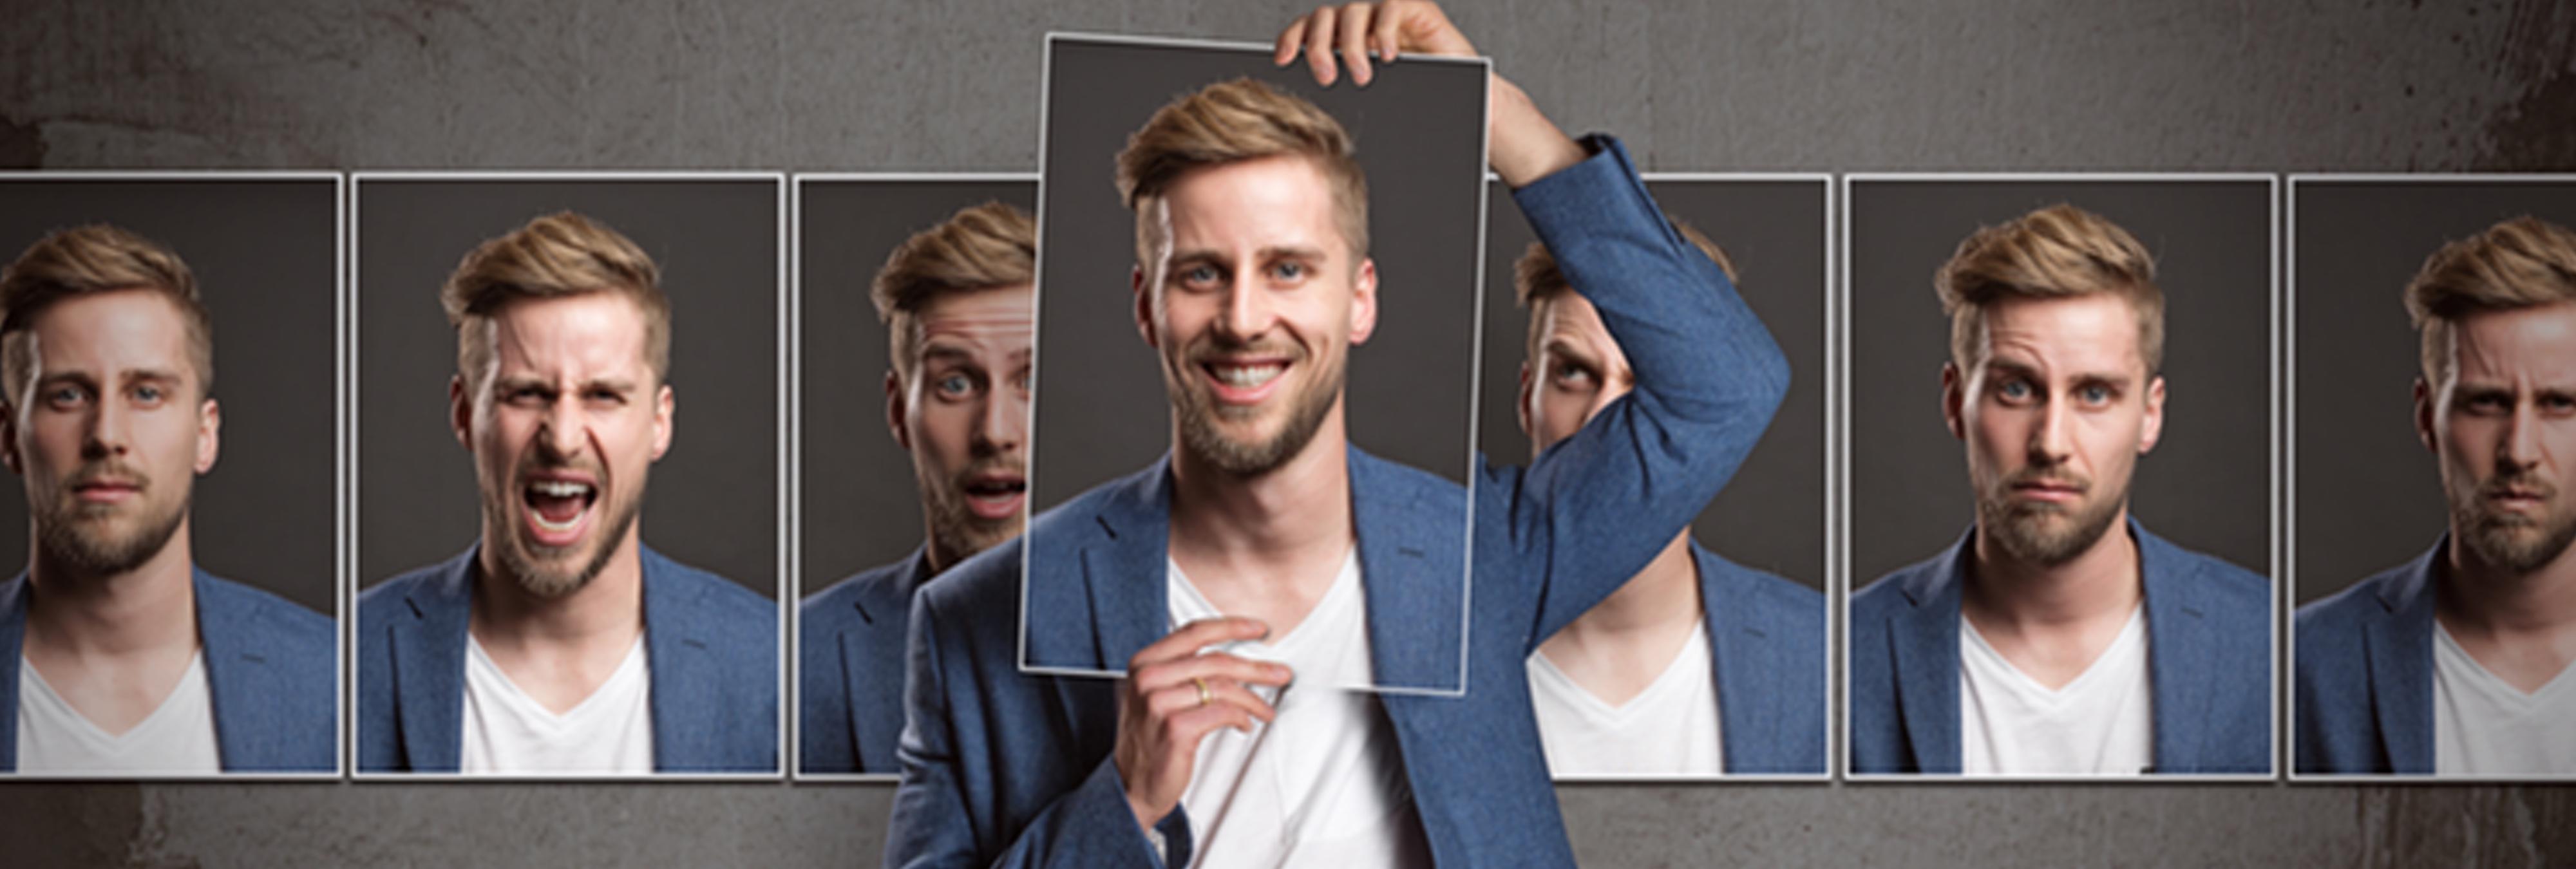 La forma de la cara demuestra las posibilidades de que sea infiel, según un estudio